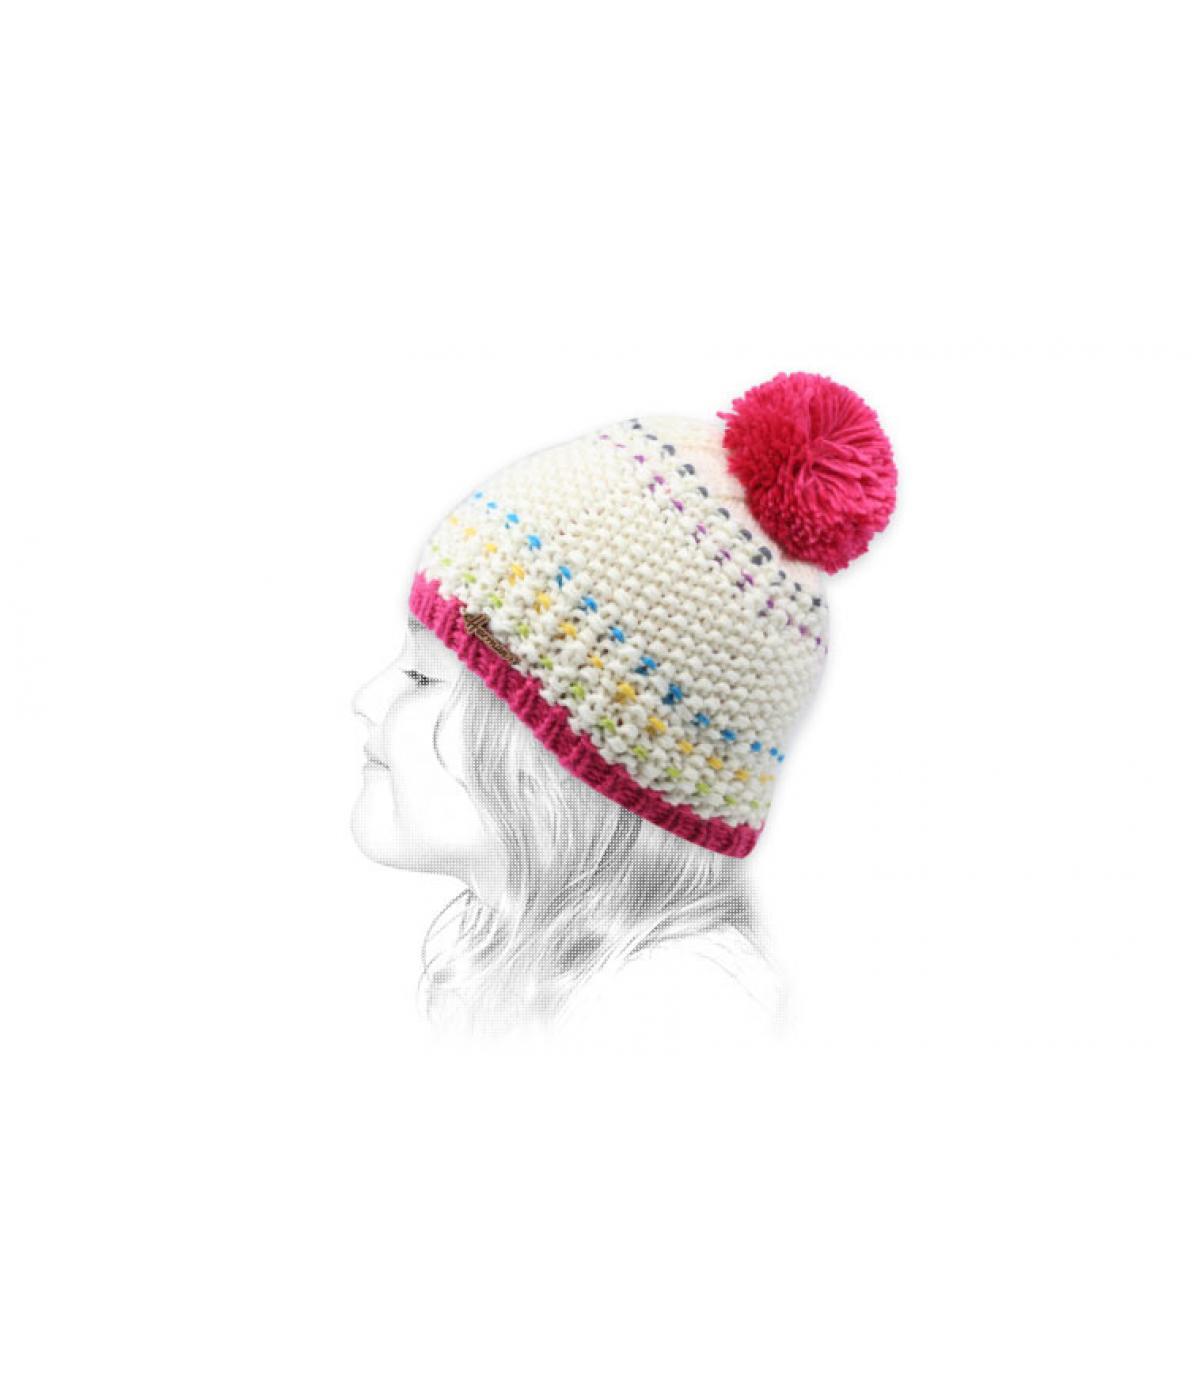 cappello nappa bambino beige bordeaux